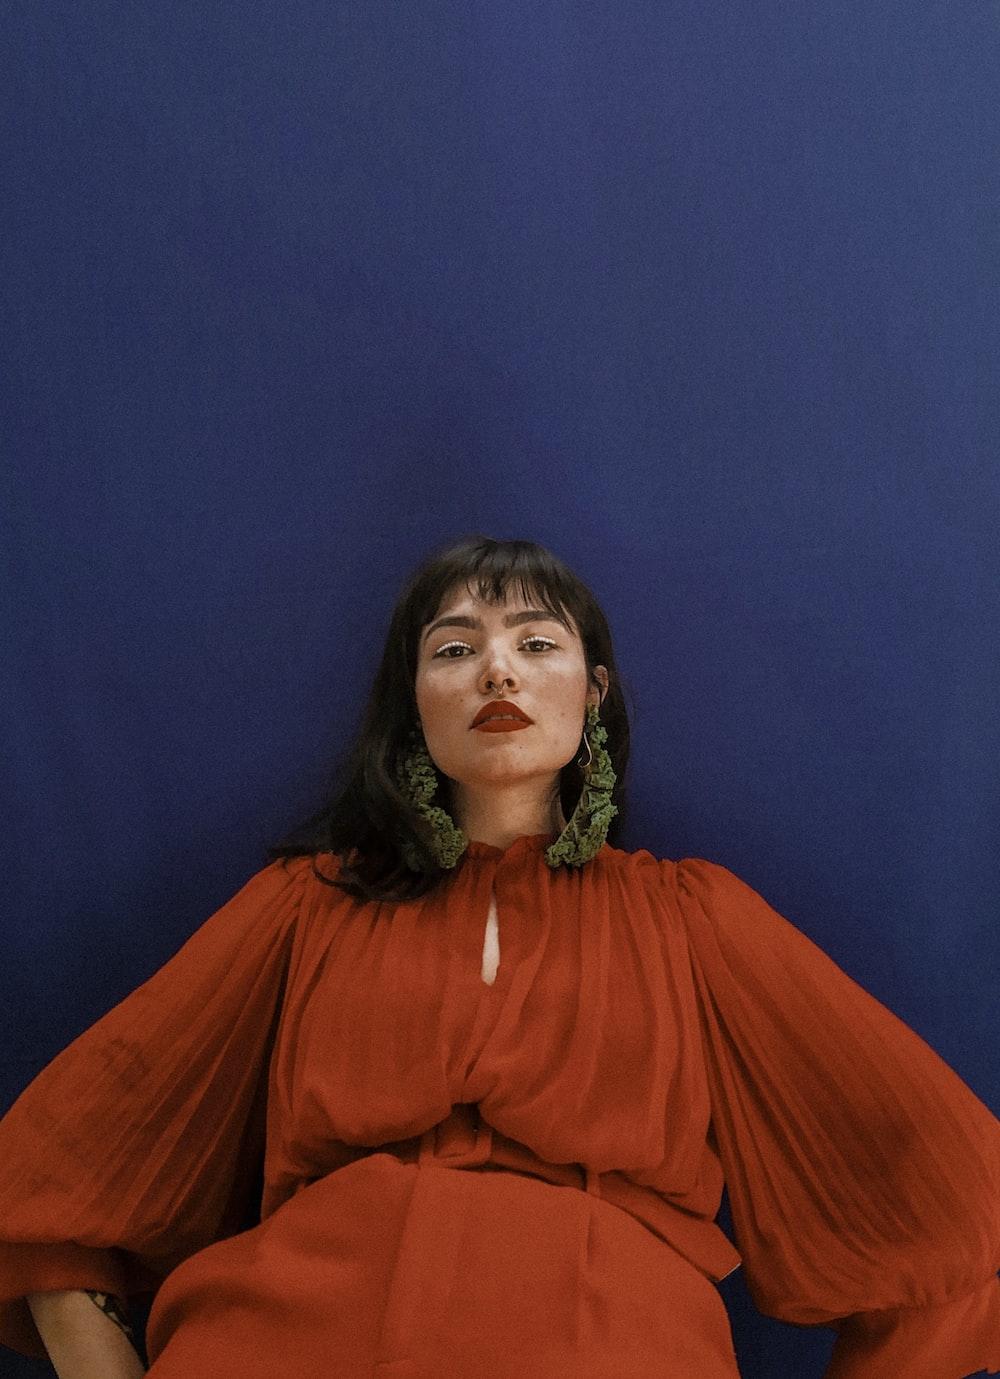 woman in orange long sleeve dress